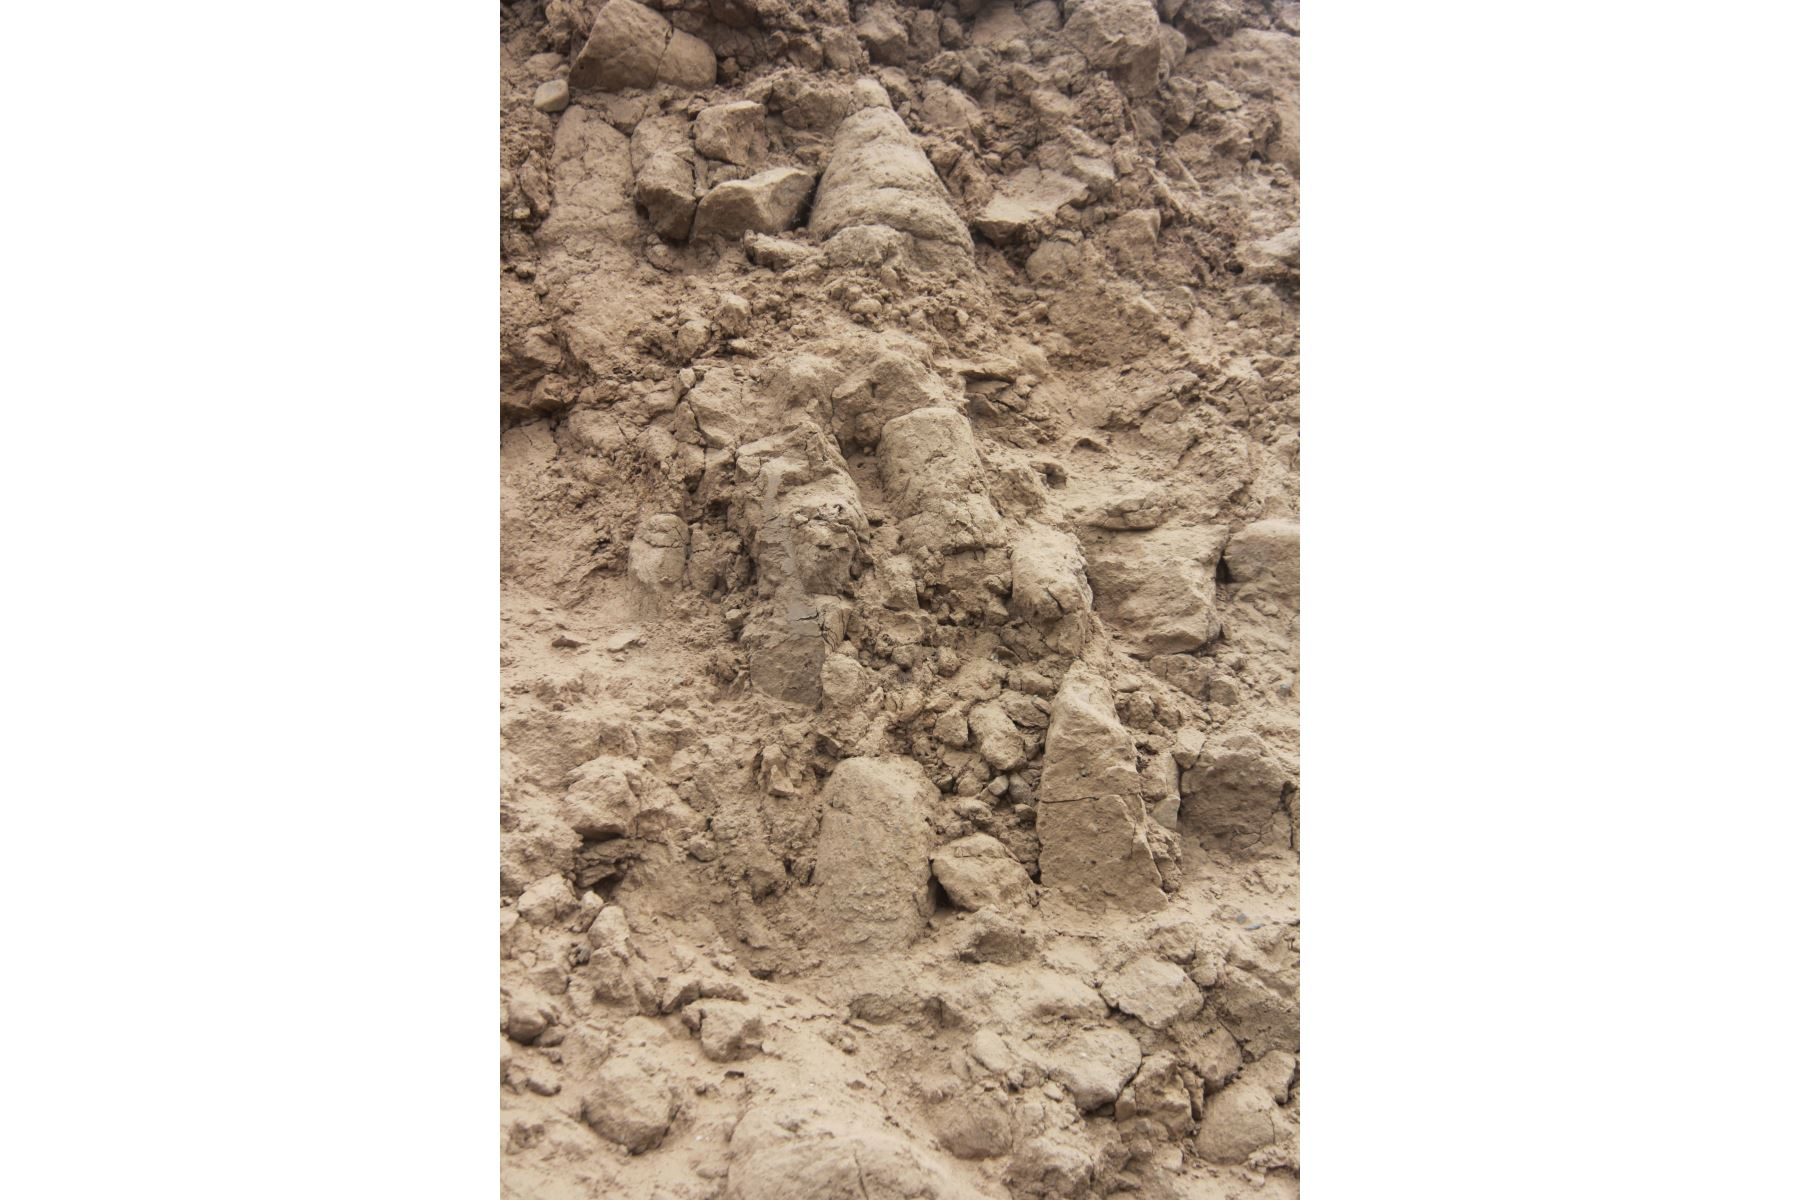 En medio de cultivos de palta y caña de azúcar, en el corazón del valle de la provincia de Virú, región La Libertad, se encuentra una huaca en cuya fachada sur exhibe una pintura mural de más de más de 3,200 años de antigüedad que pertenecería a la cultura Cupisnique. Foto: Luis Puell